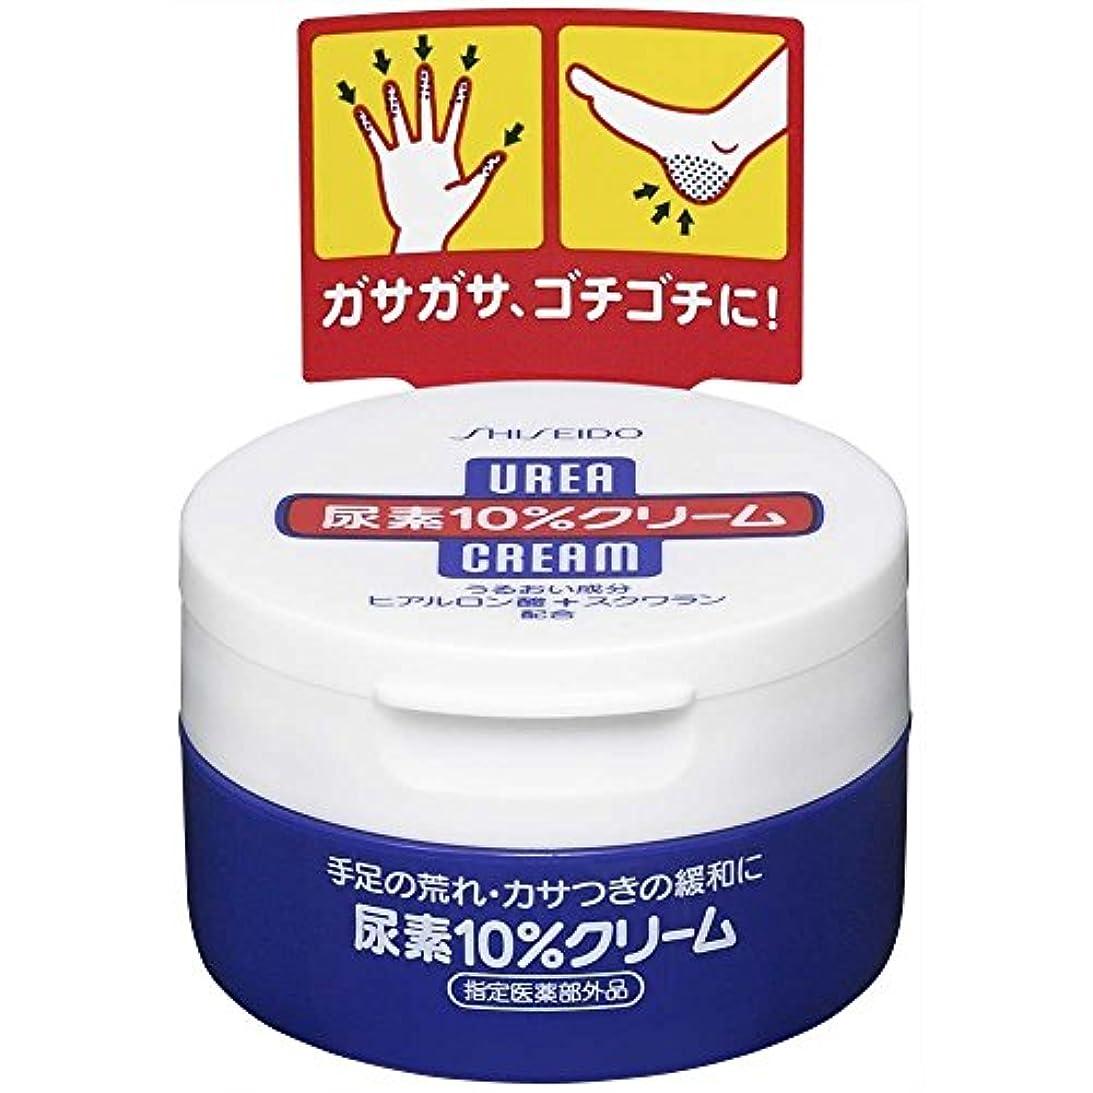 パールバズ台無しに資生堂 尿素10%クリーム 100g(医薬部外品)